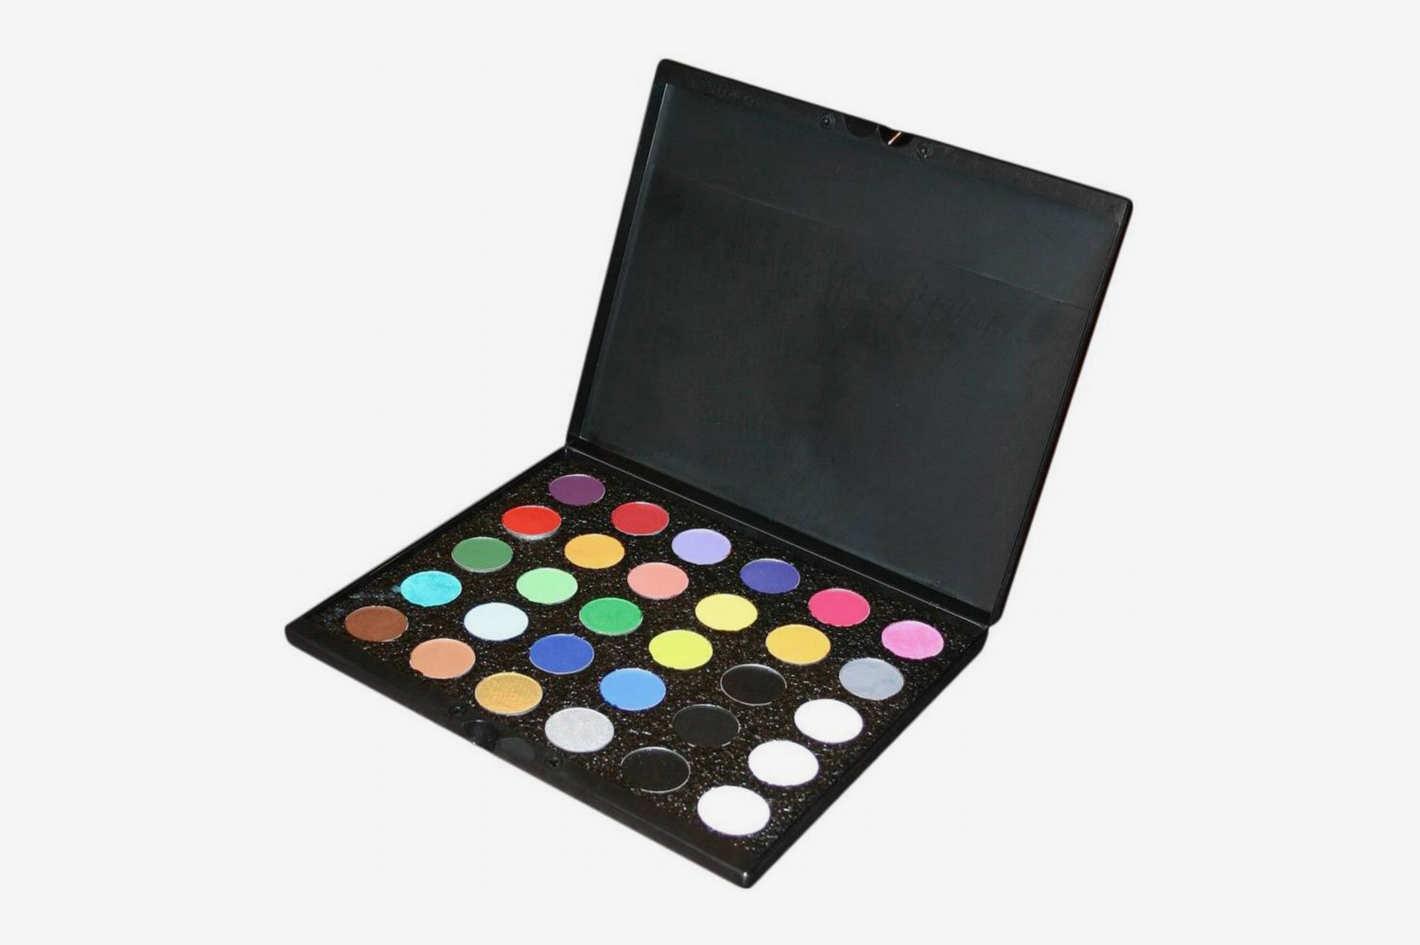 Mehron Paradise AQ Pro Face Paint Palettes